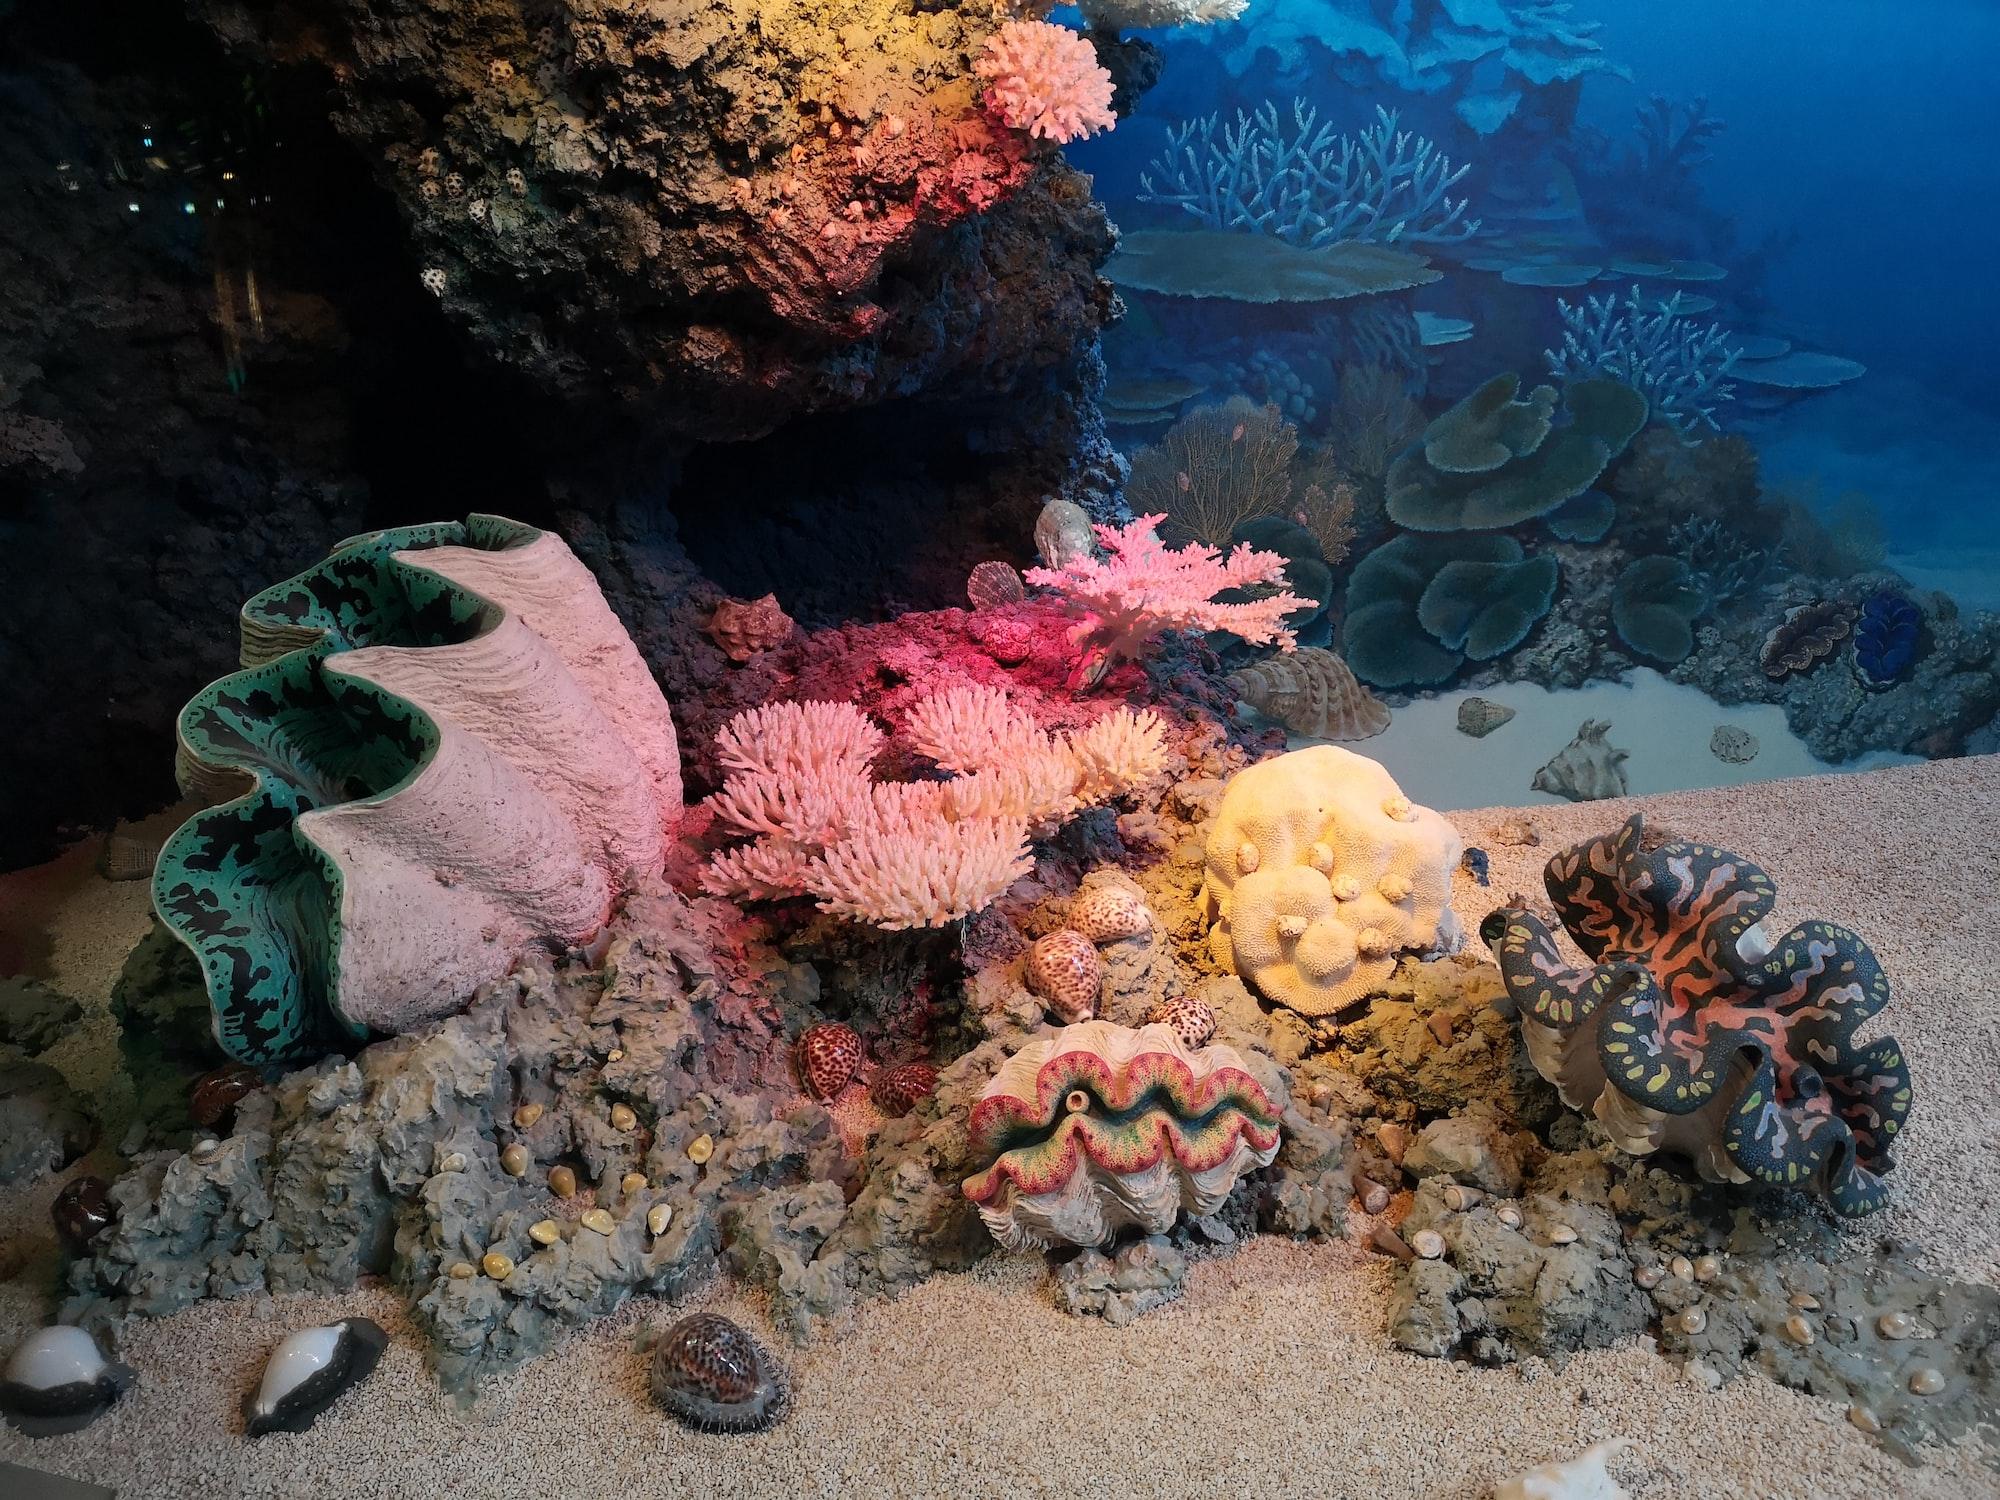 Biodiversity Basics: Porifera/Sponges